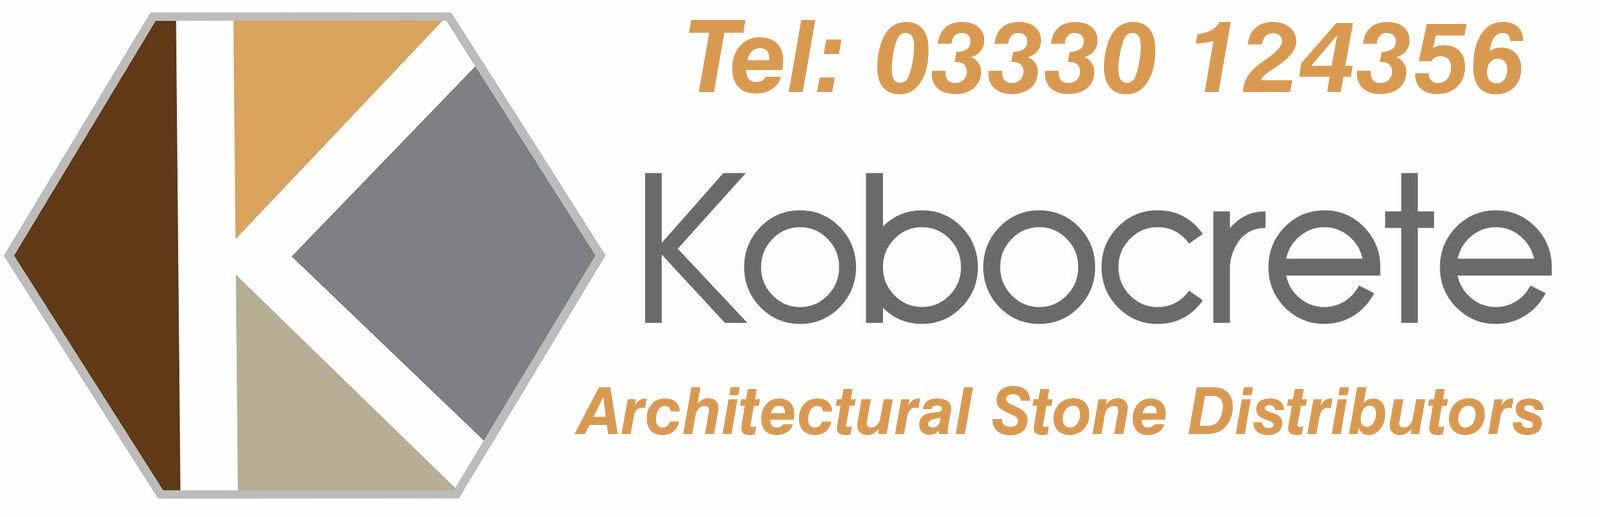 Kobocrete Products